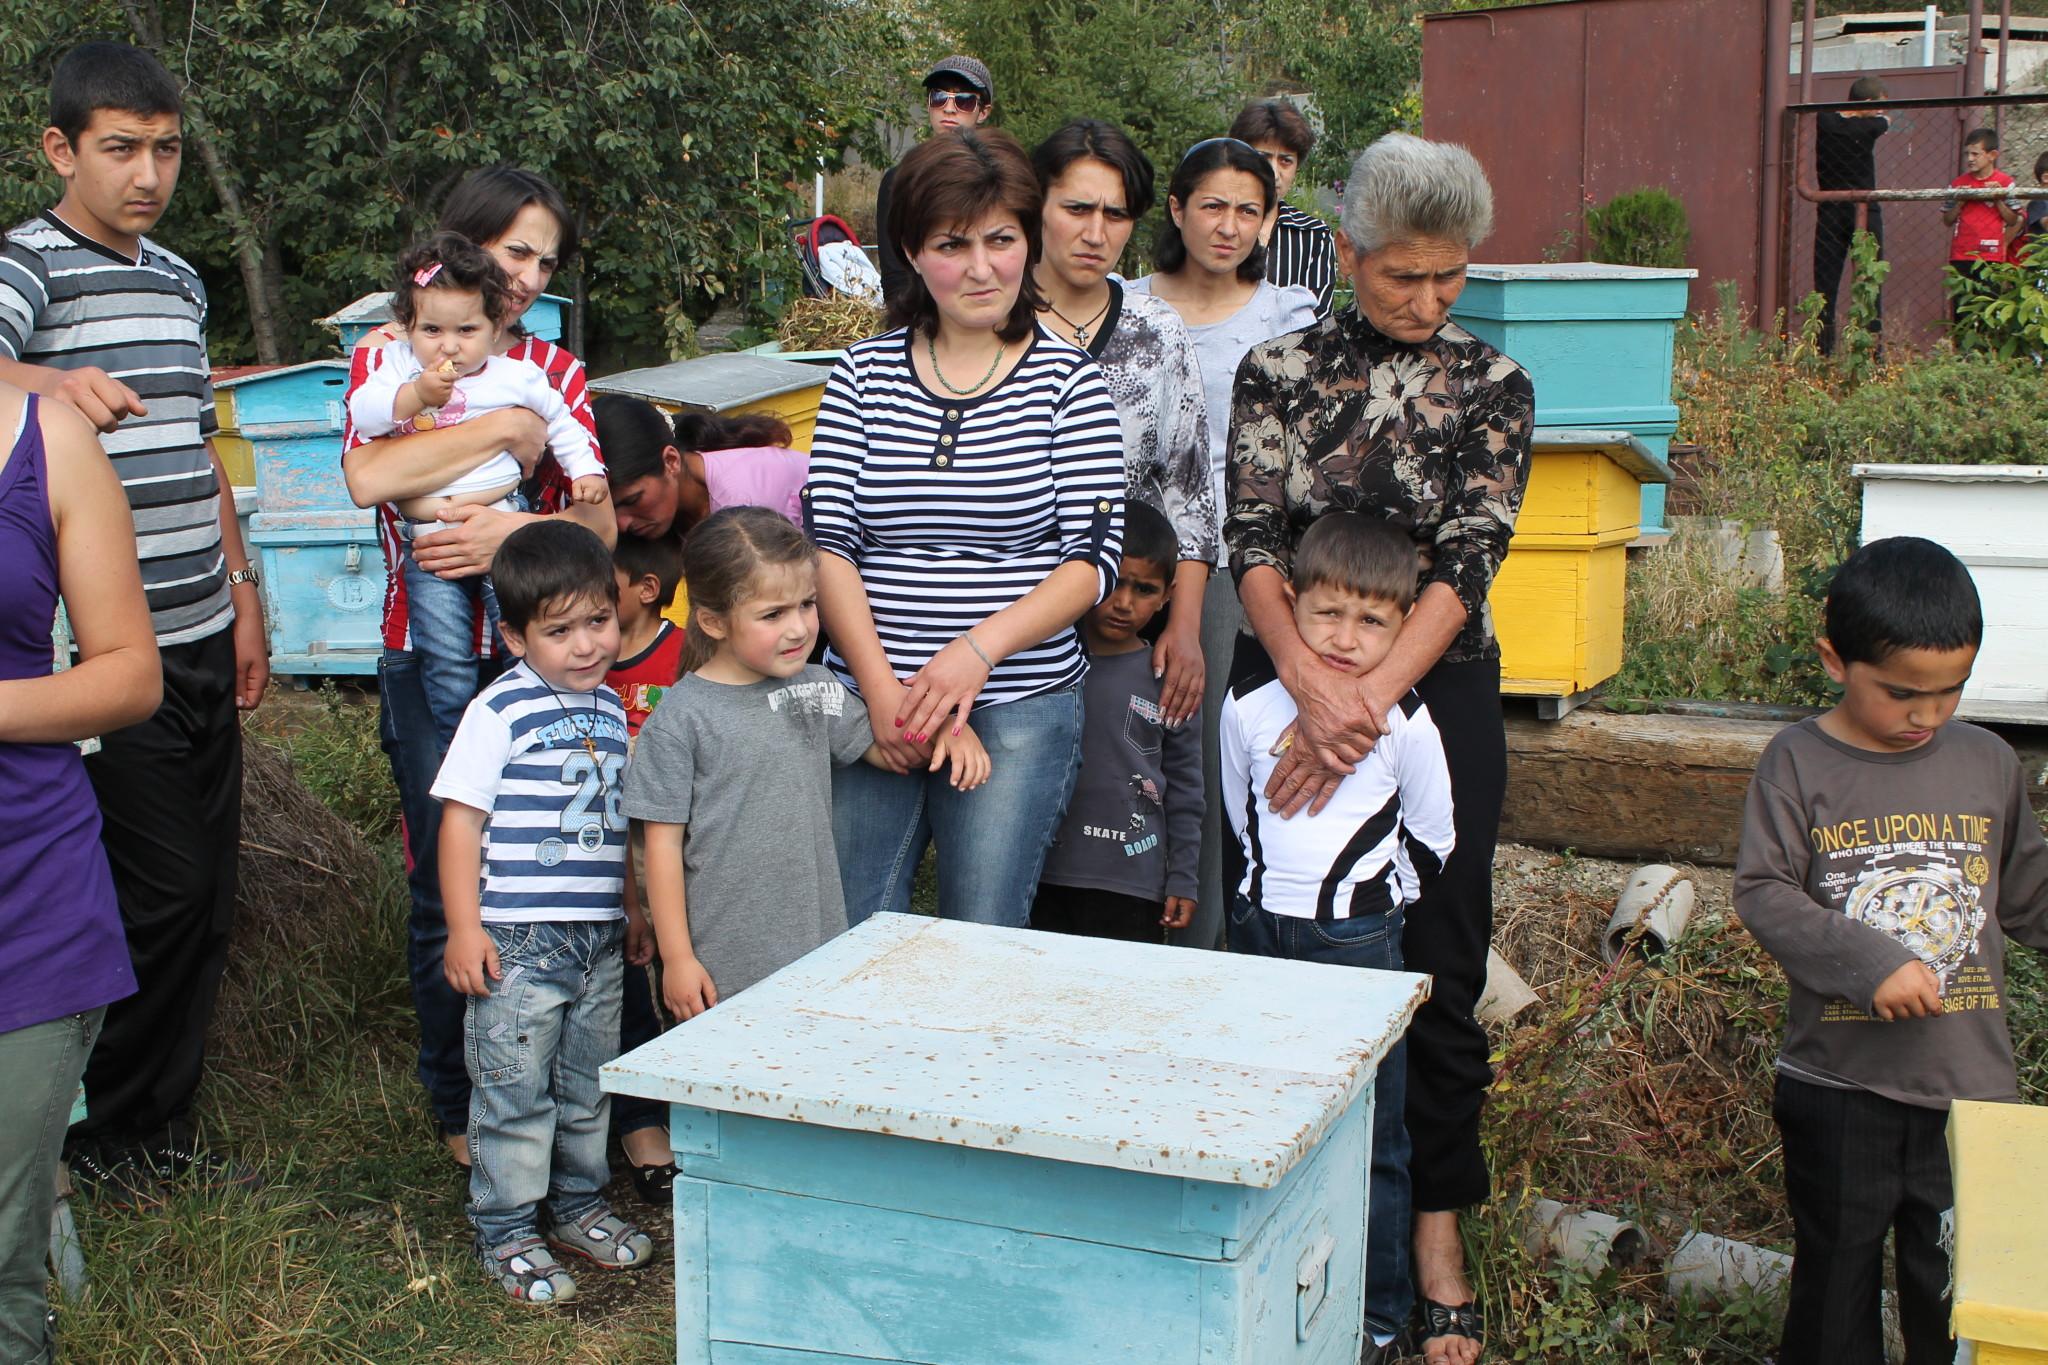 Armeni ontwikkelen bijenteelt bij arme gezinnen mensenkinderen - Een hellend land ontwikkelen ...